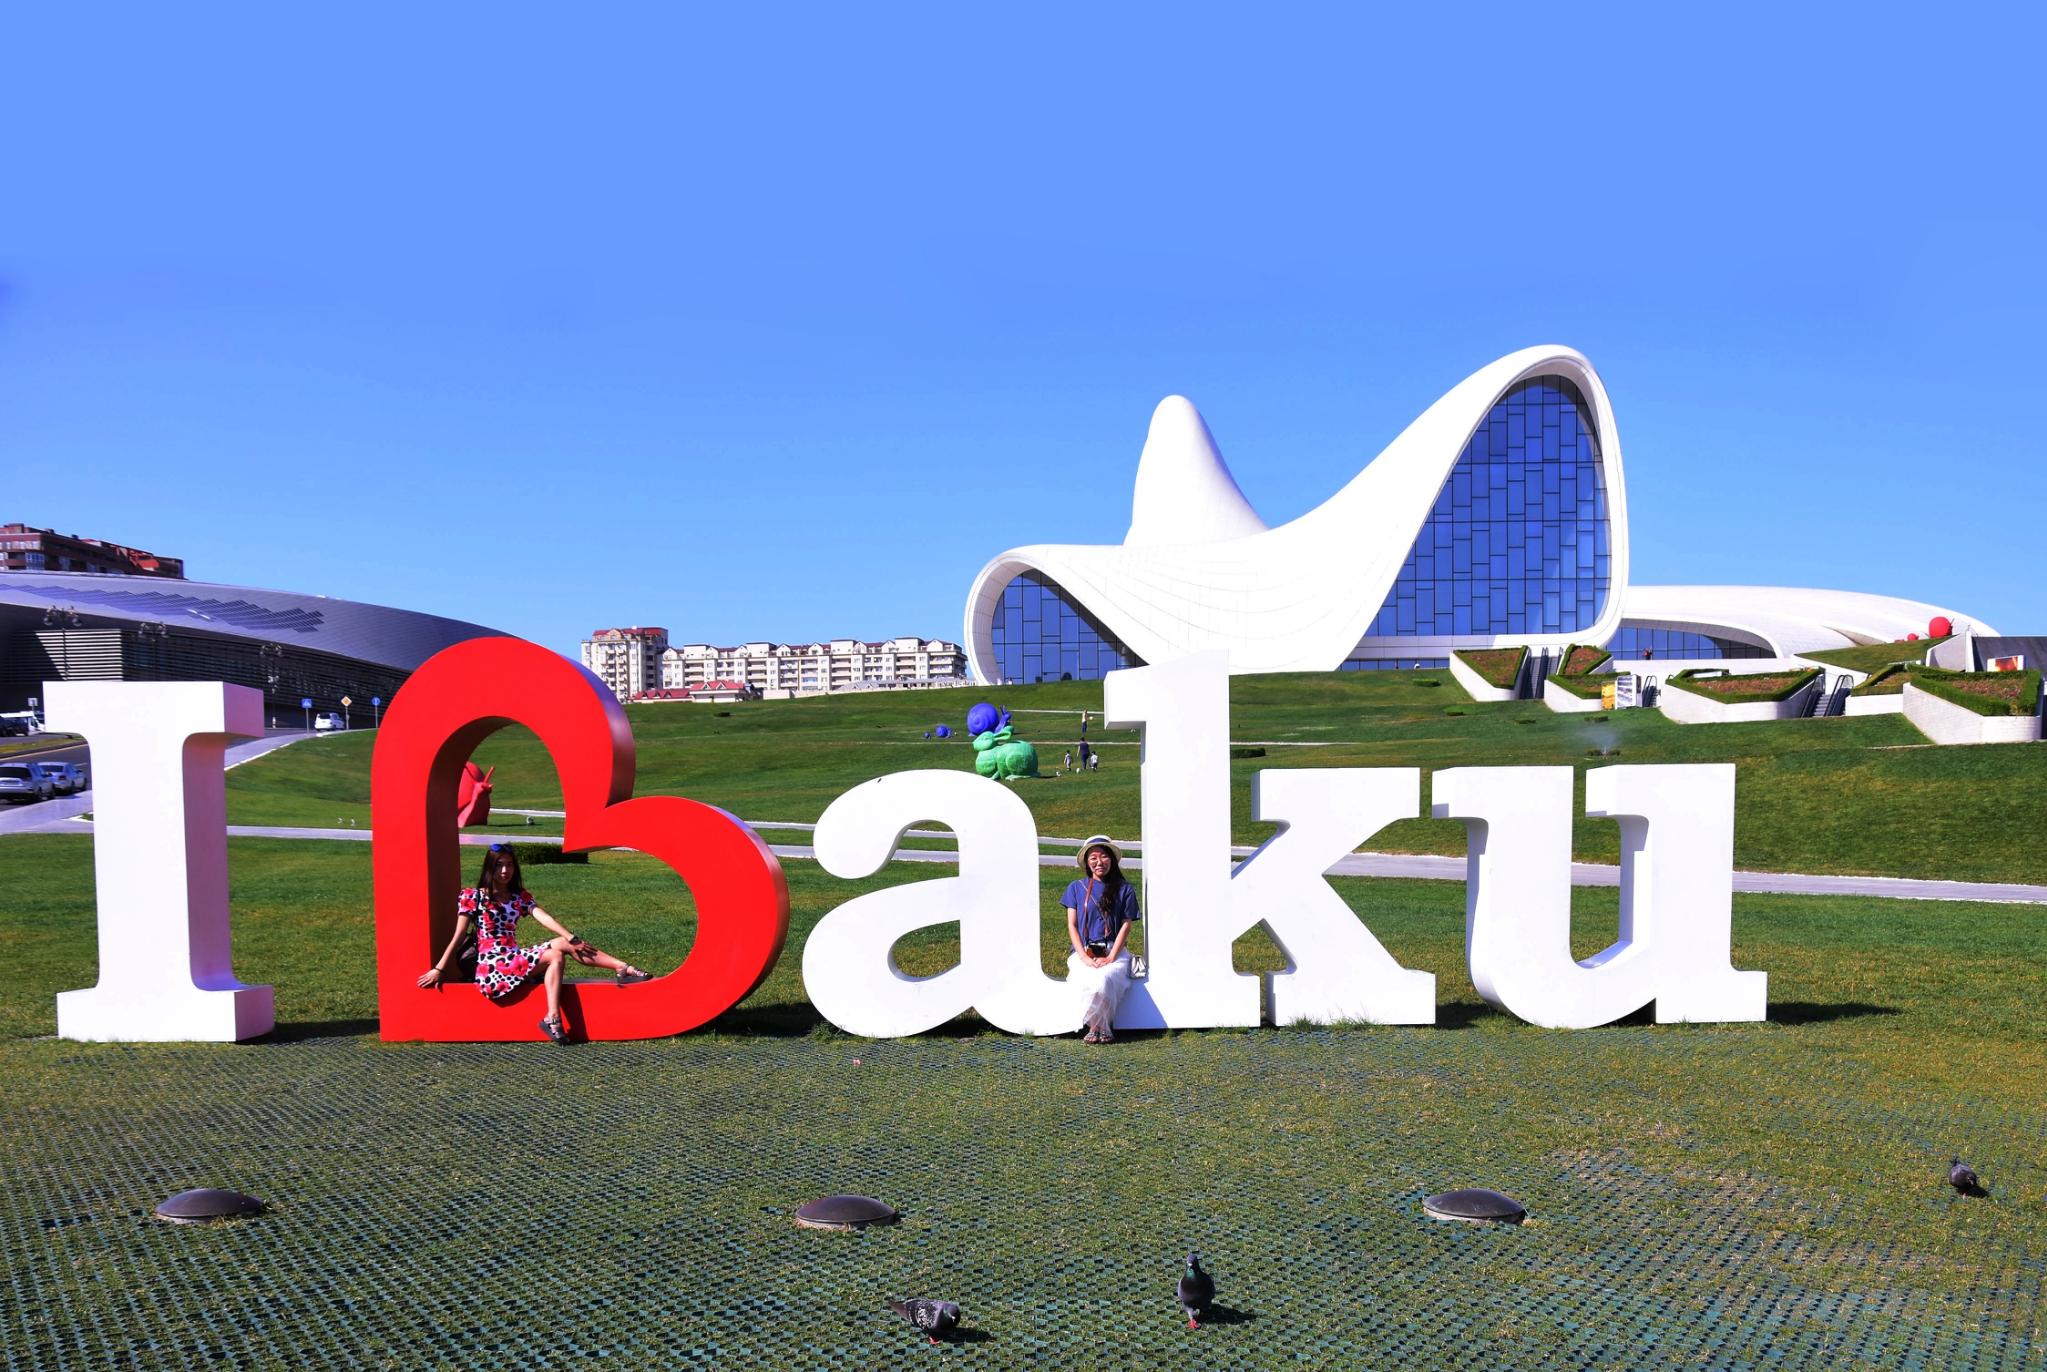 阿塞拜疆巴库+格鲁吉亚第比利斯,8天双城游:遇见美好的人,遇见美丽的风景